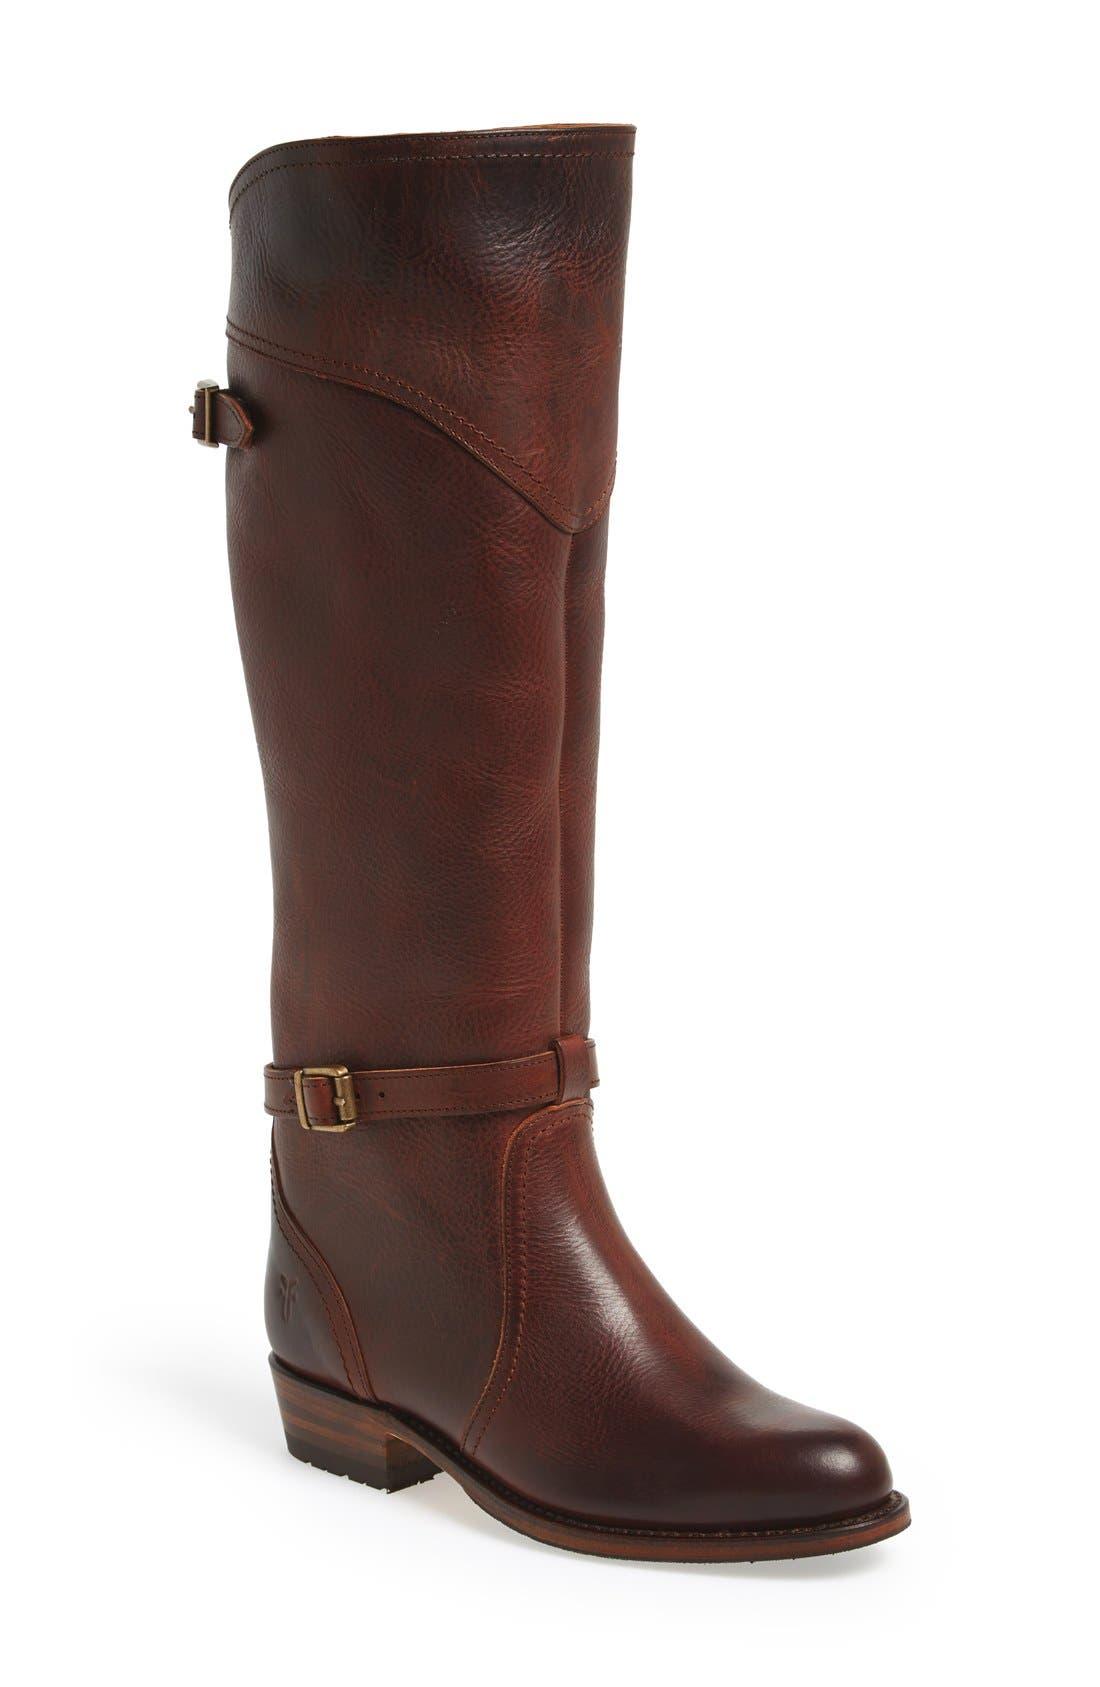 Alternate Image 1 Selected - Frye 'Durado Lug' Riding Boot (Women)